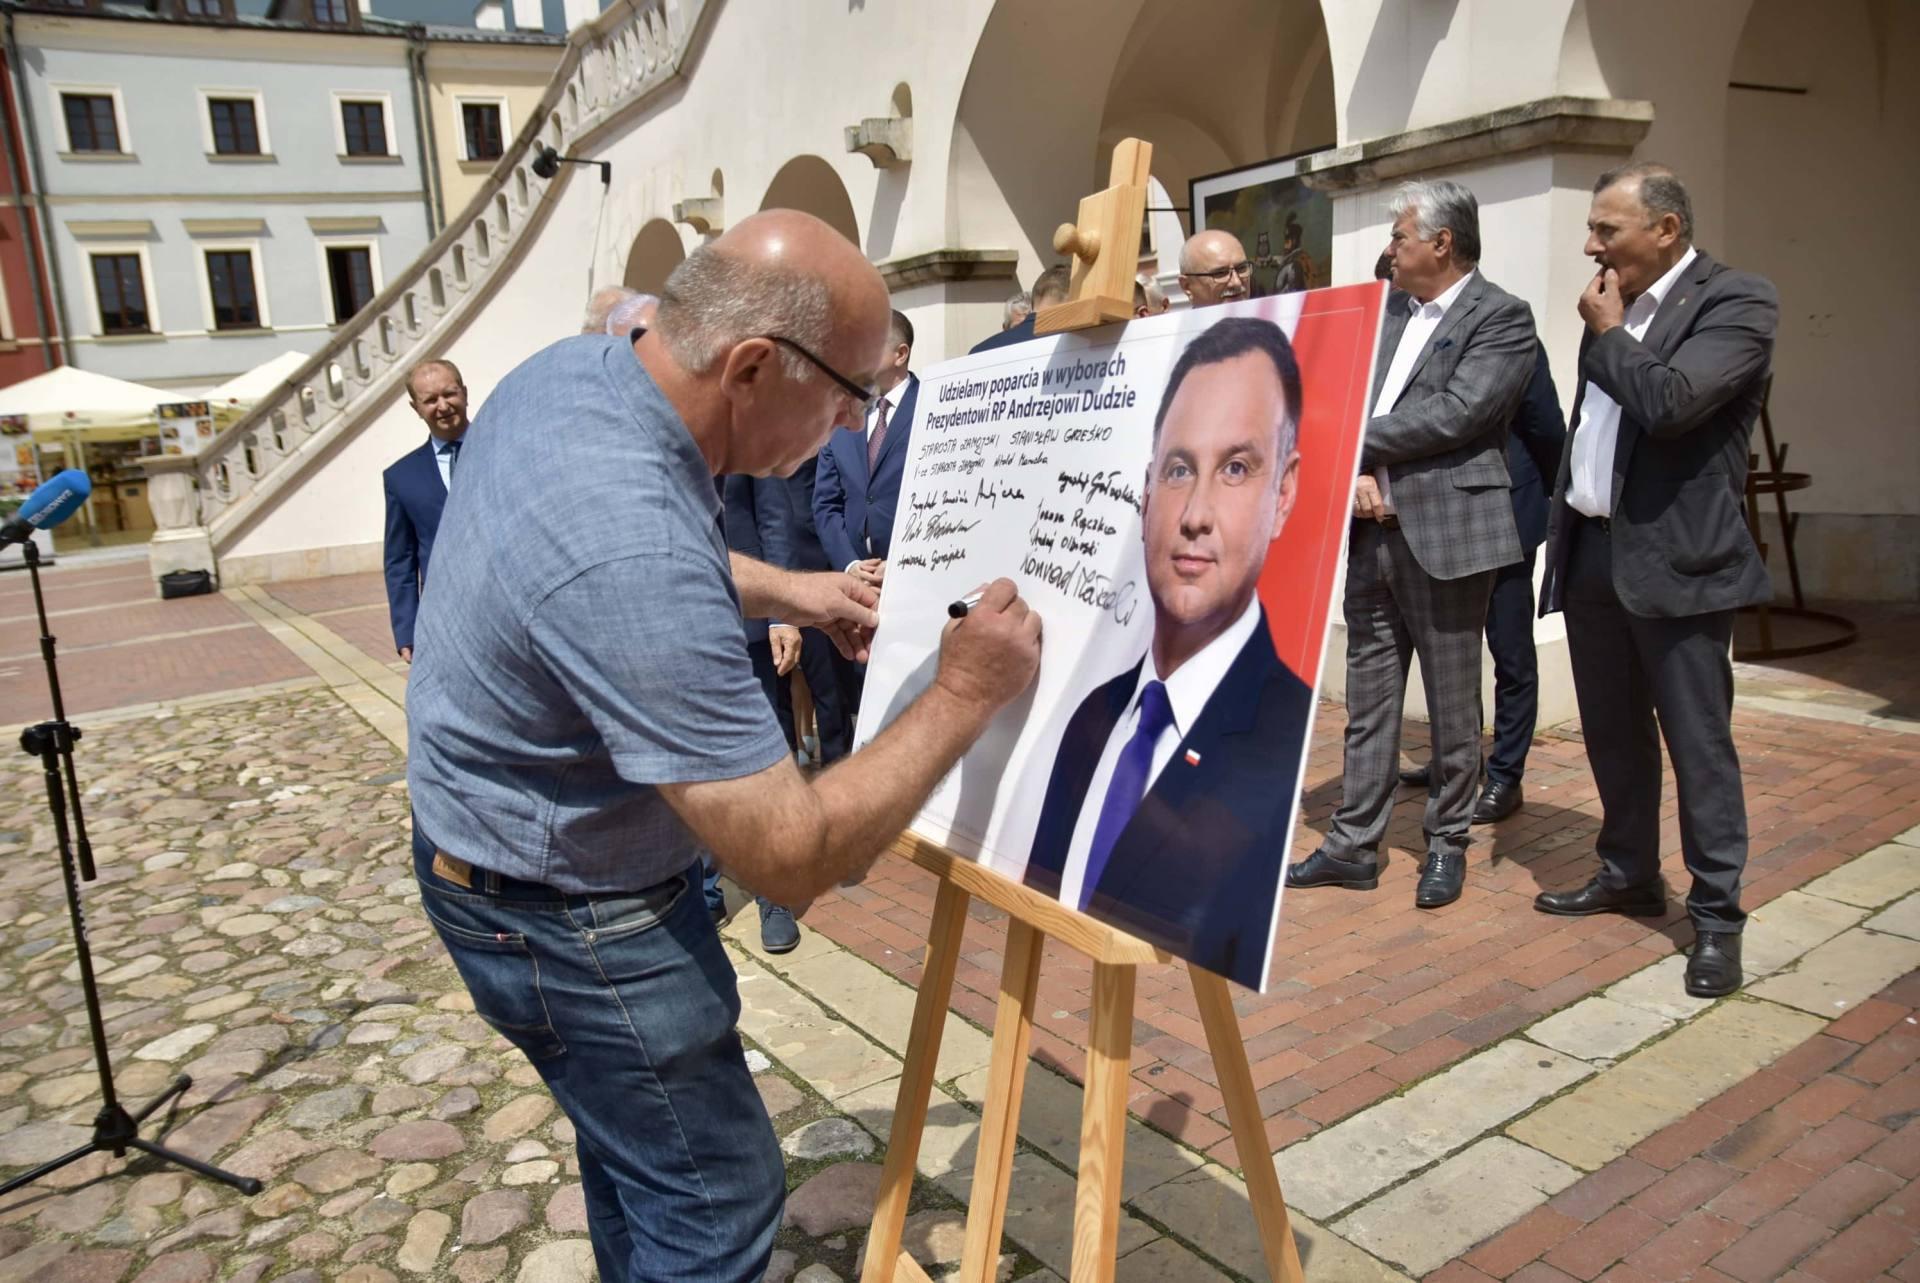 dsc 7786 Zamość: Udzielili poparcia prezydentowi Andrzejowi Dudzie